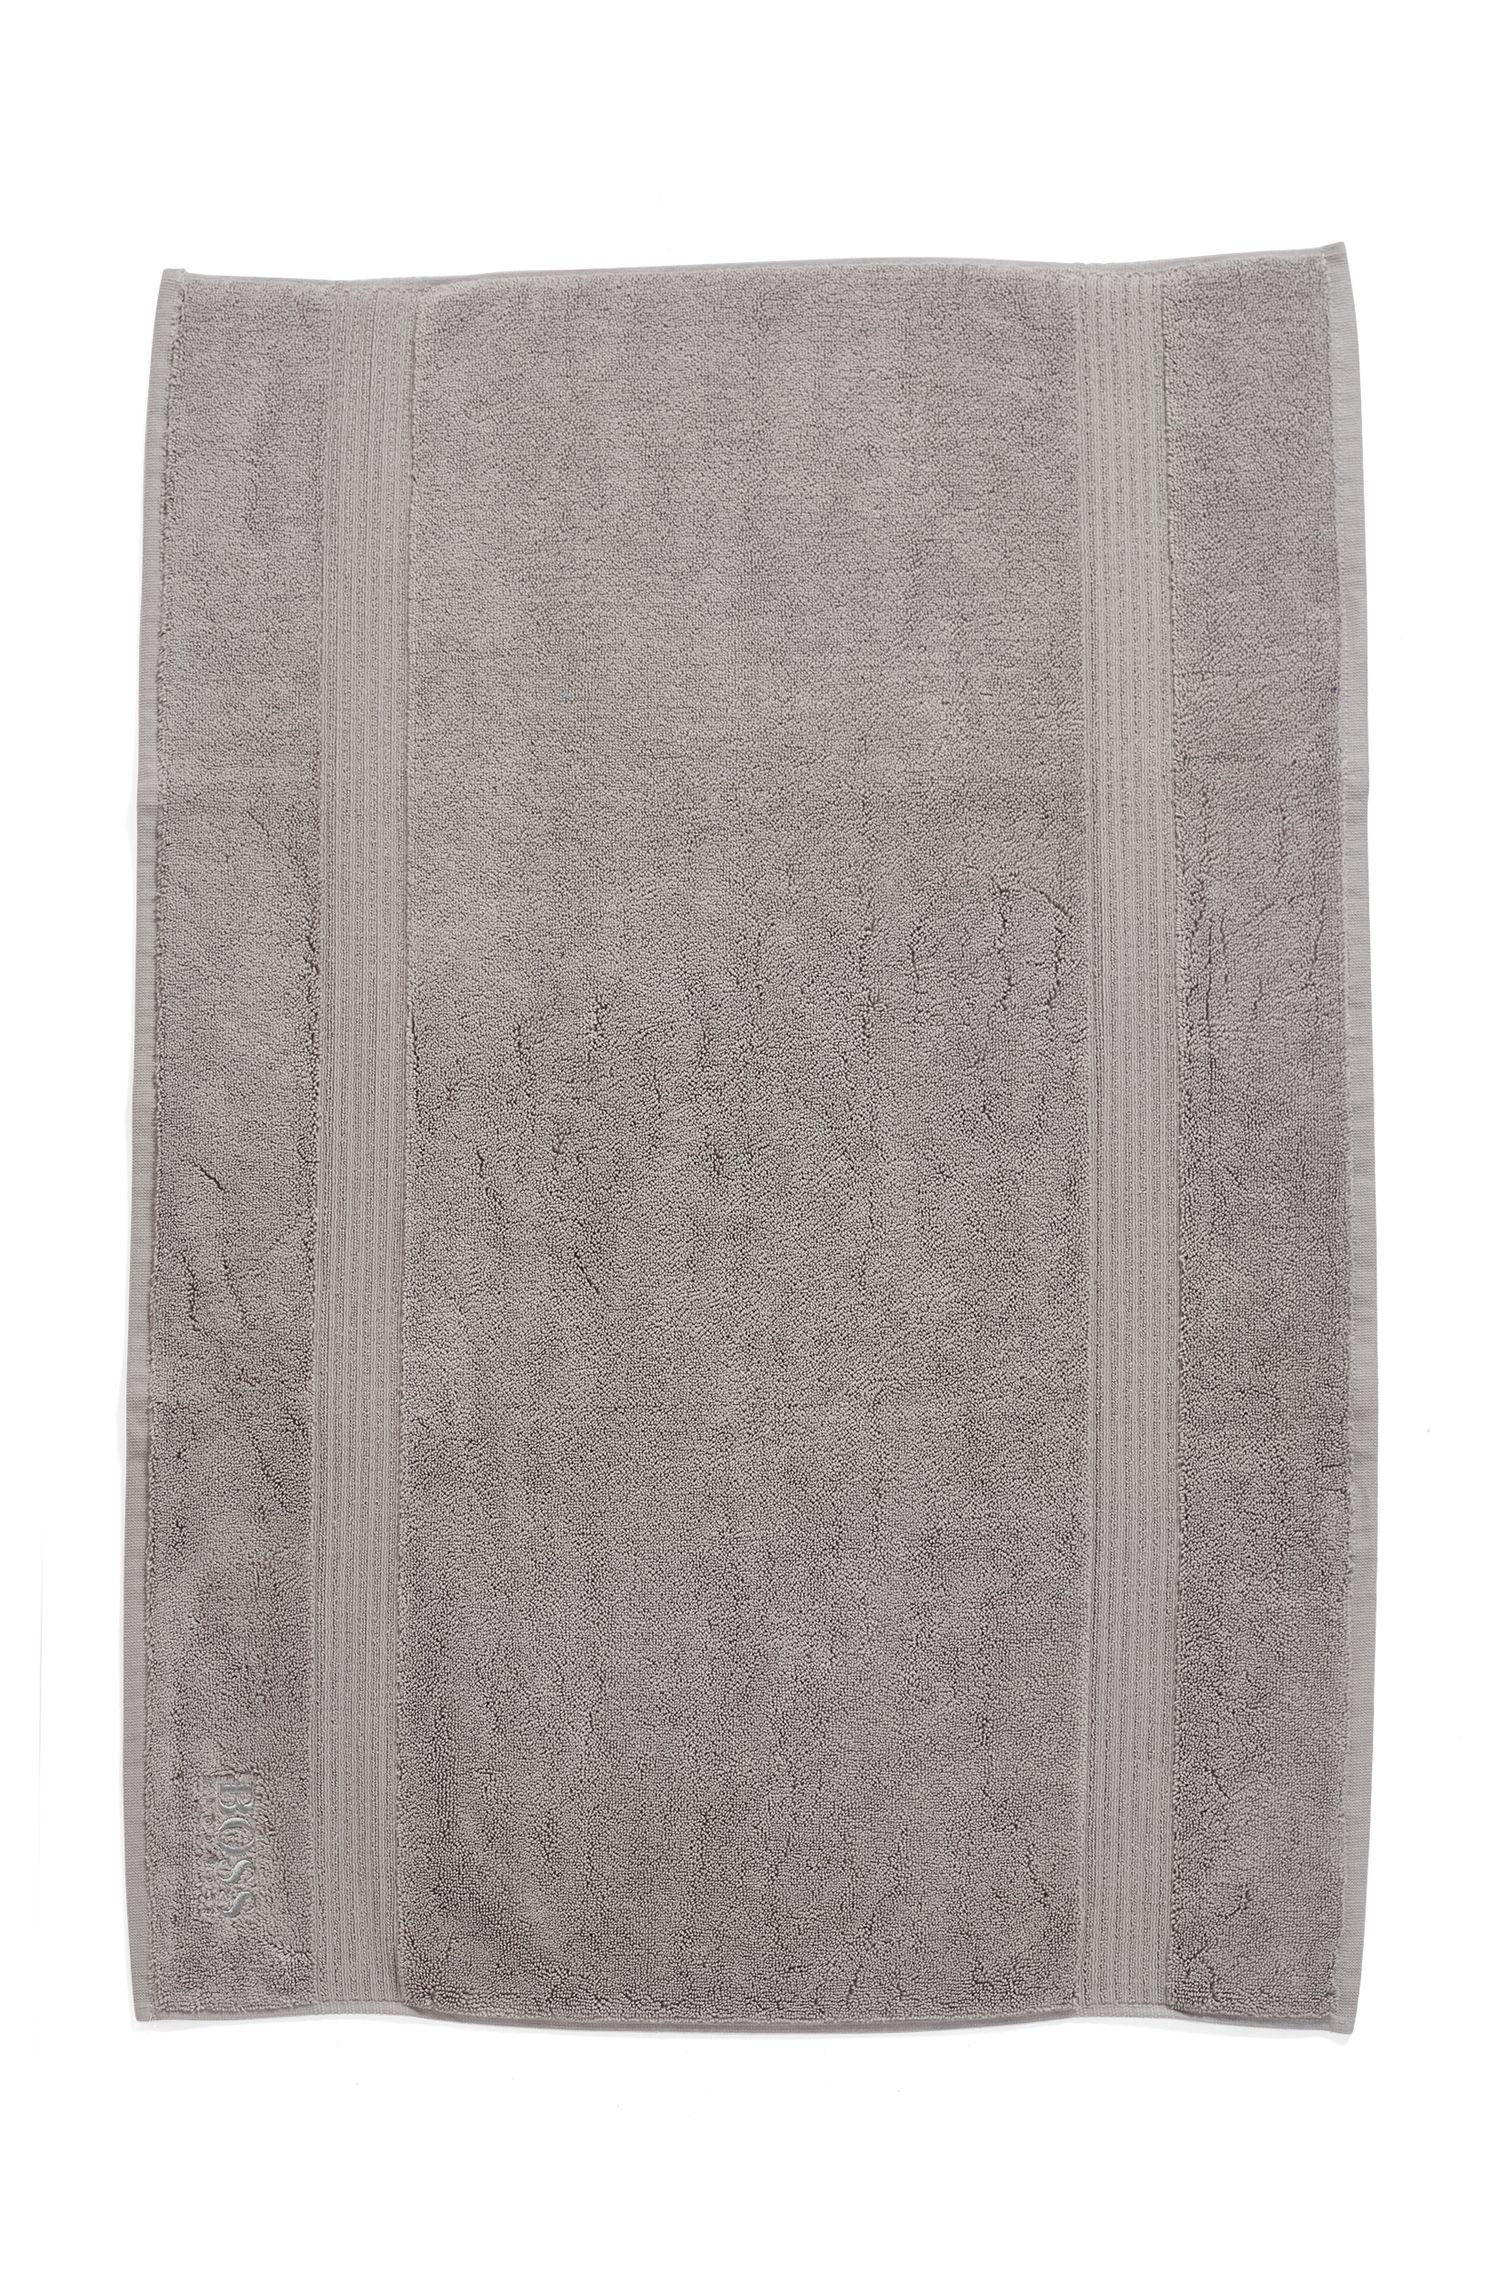 Tapis de bain en coton peigné de la mer Égée avec bordure côtelée, Argent